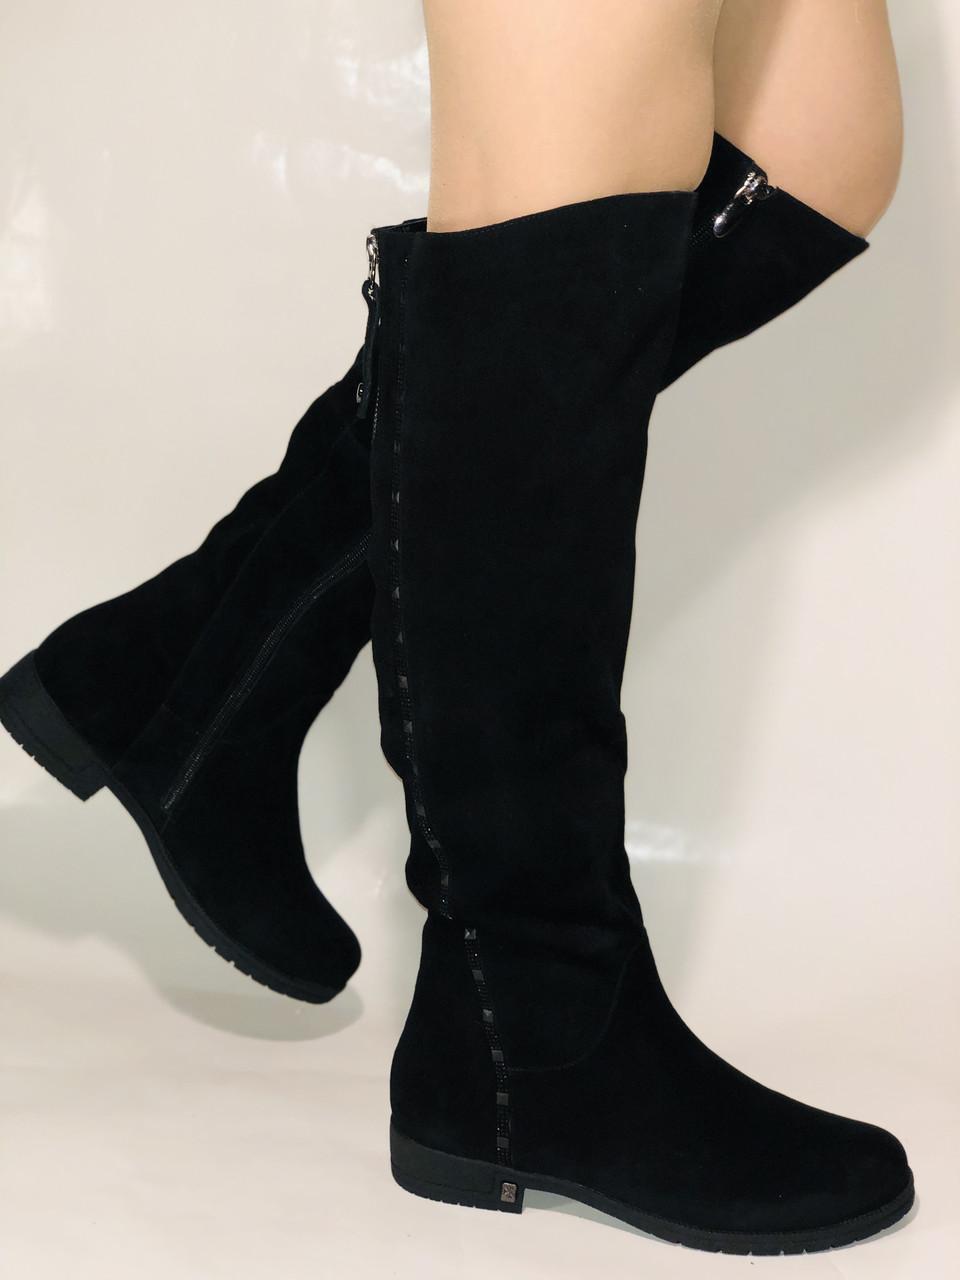 Molka.Натуральный мех. Зимние сапоги-ботфорты на низком каблуке. Натуральная замша. Р. 37 ,39,40.